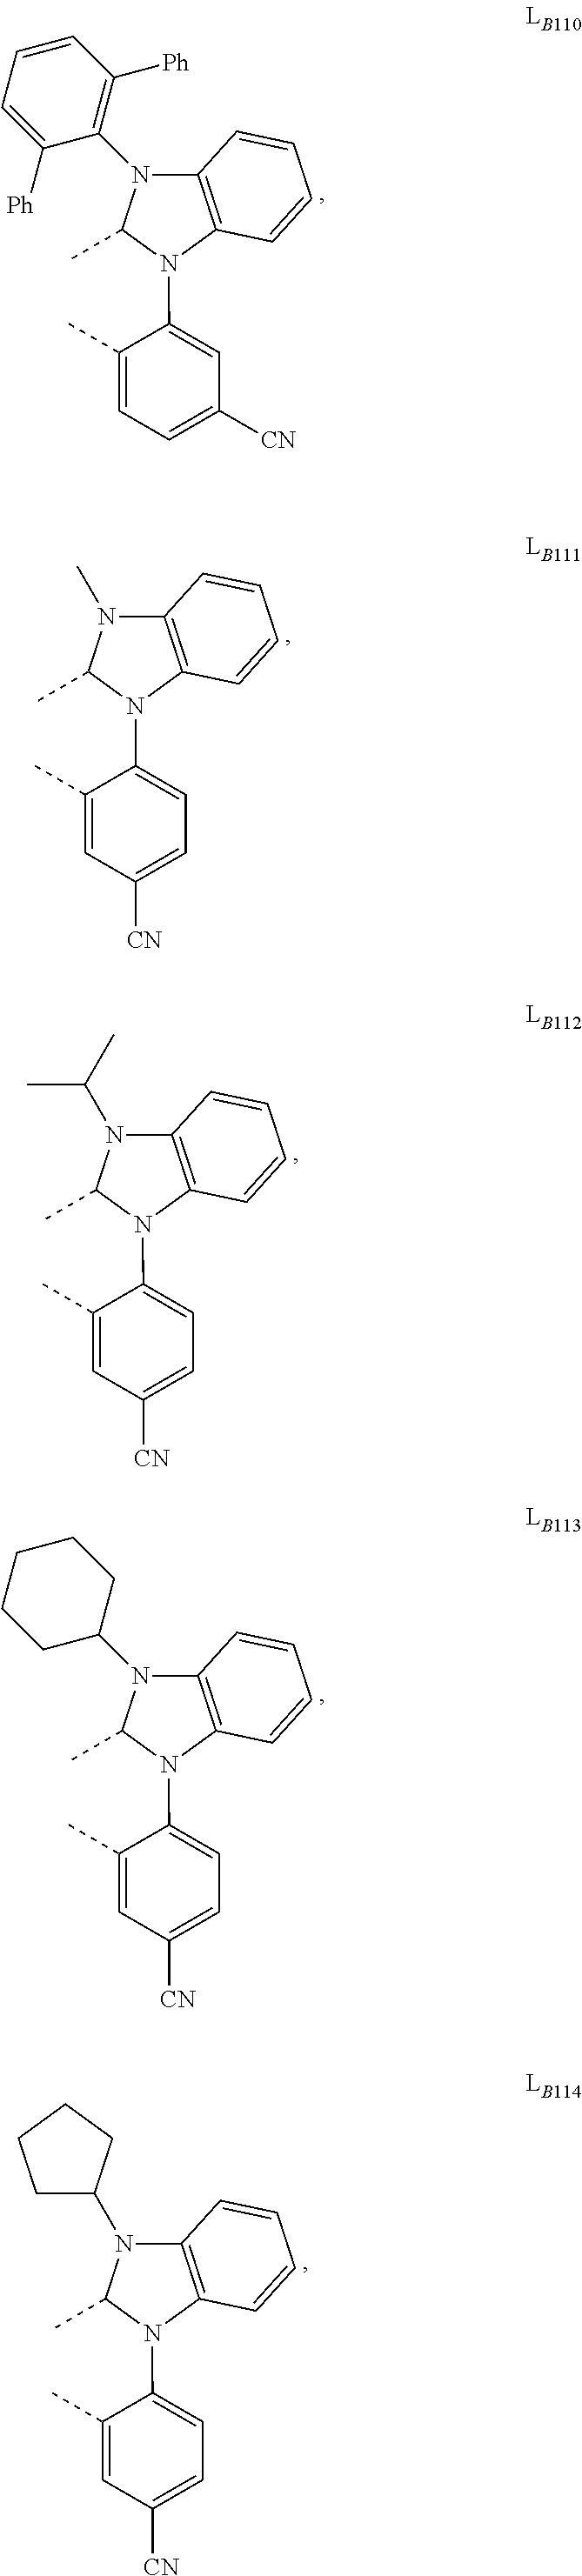 Figure US09905785-20180227-C00128